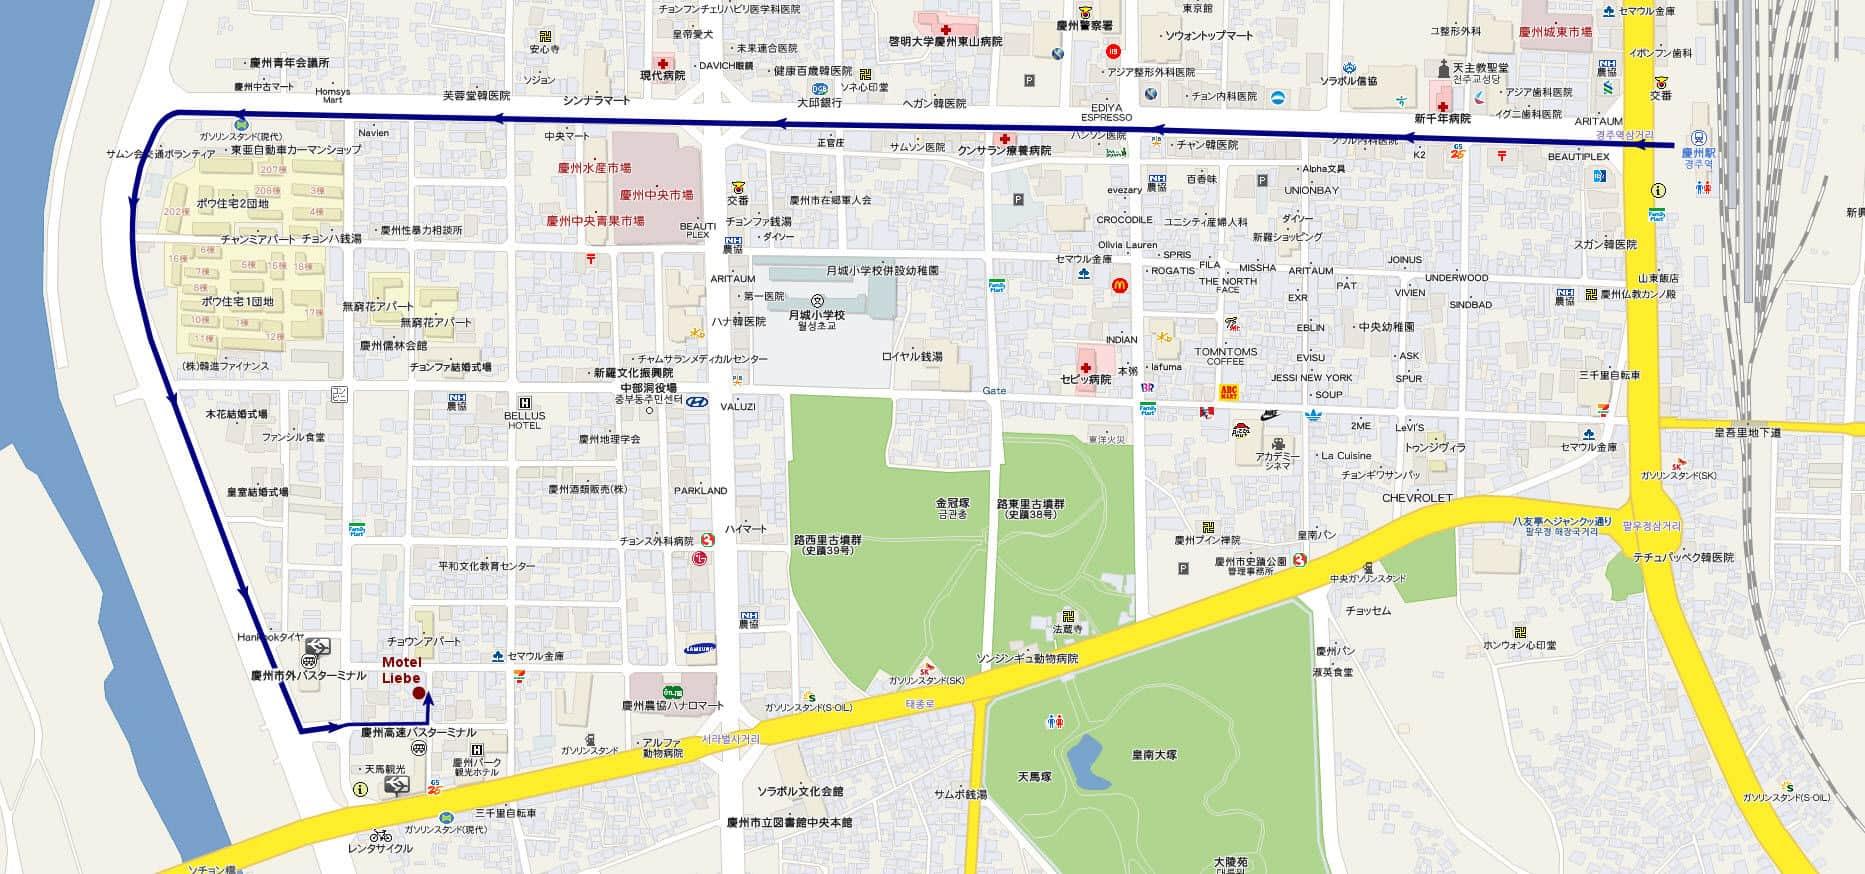 慶州火車站步行往 Motel Liebe 路線地圖